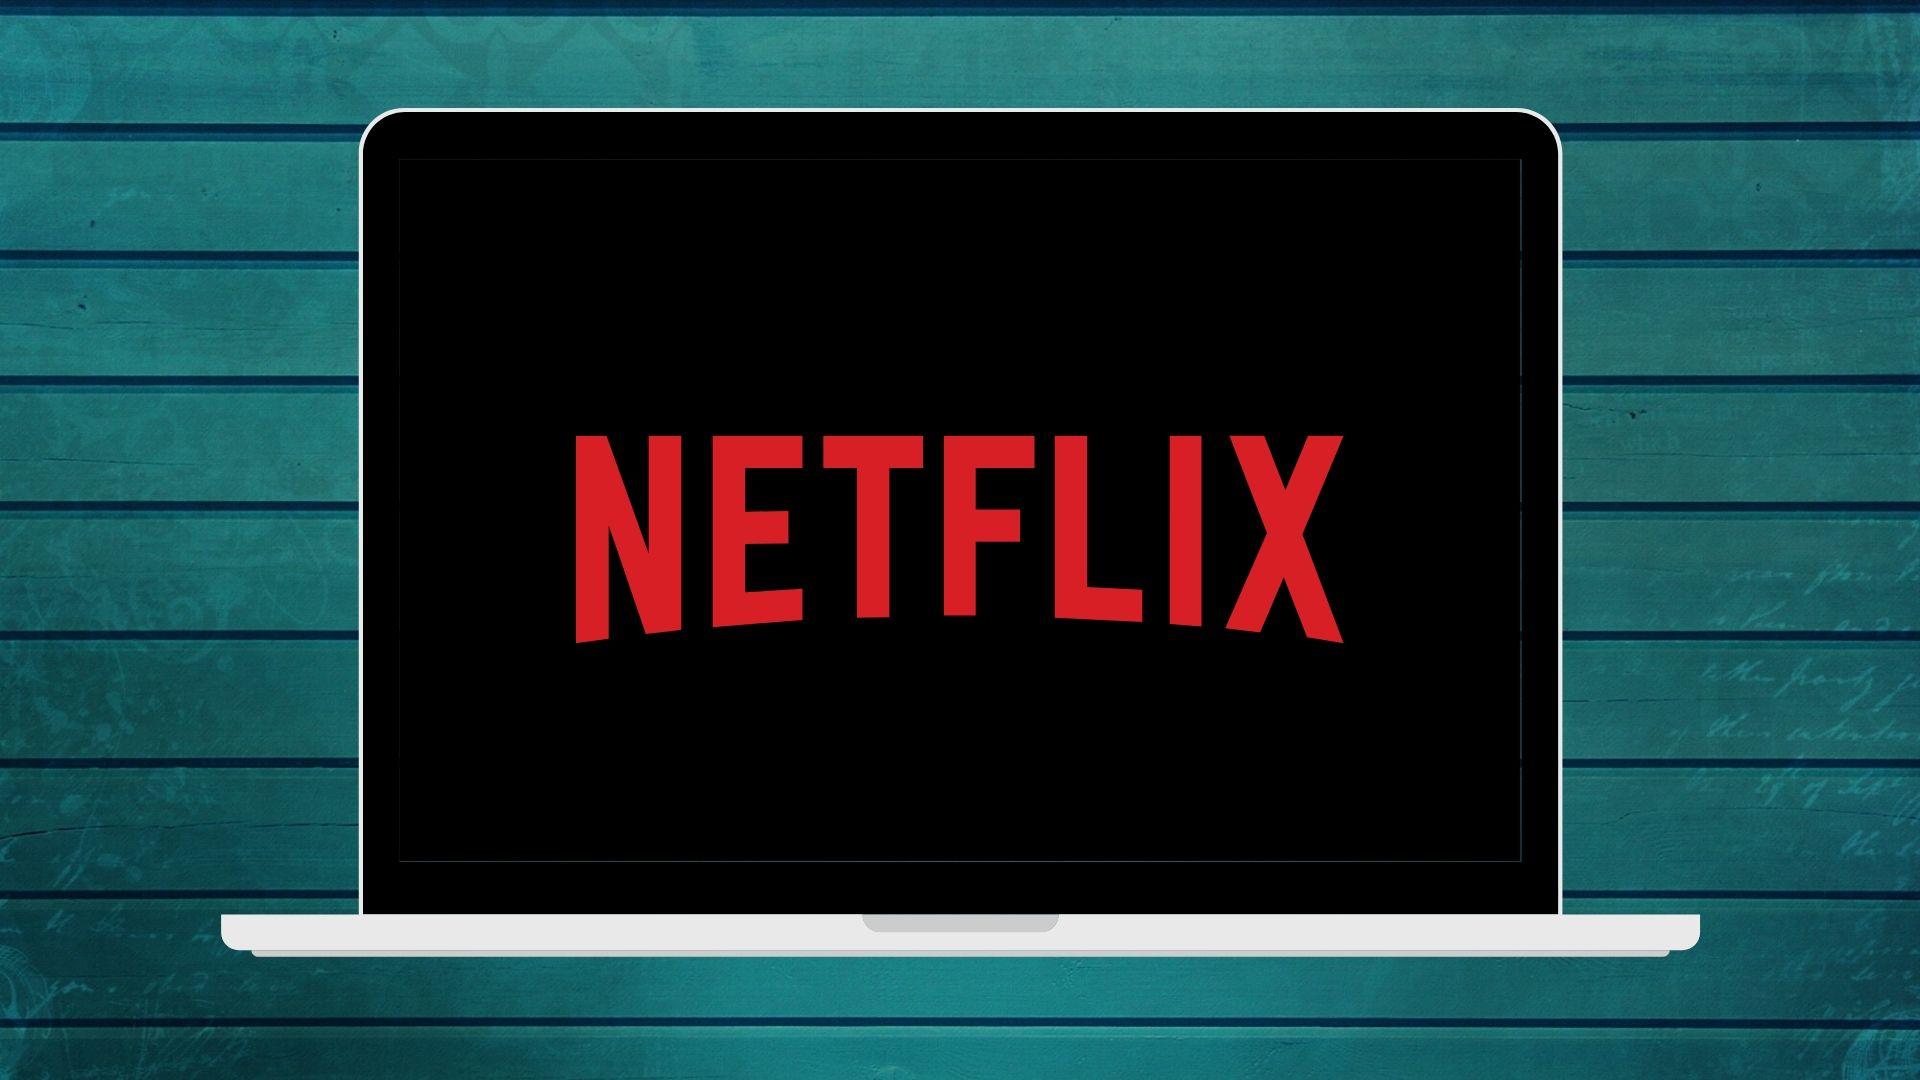 Netflix Serienempfehlung